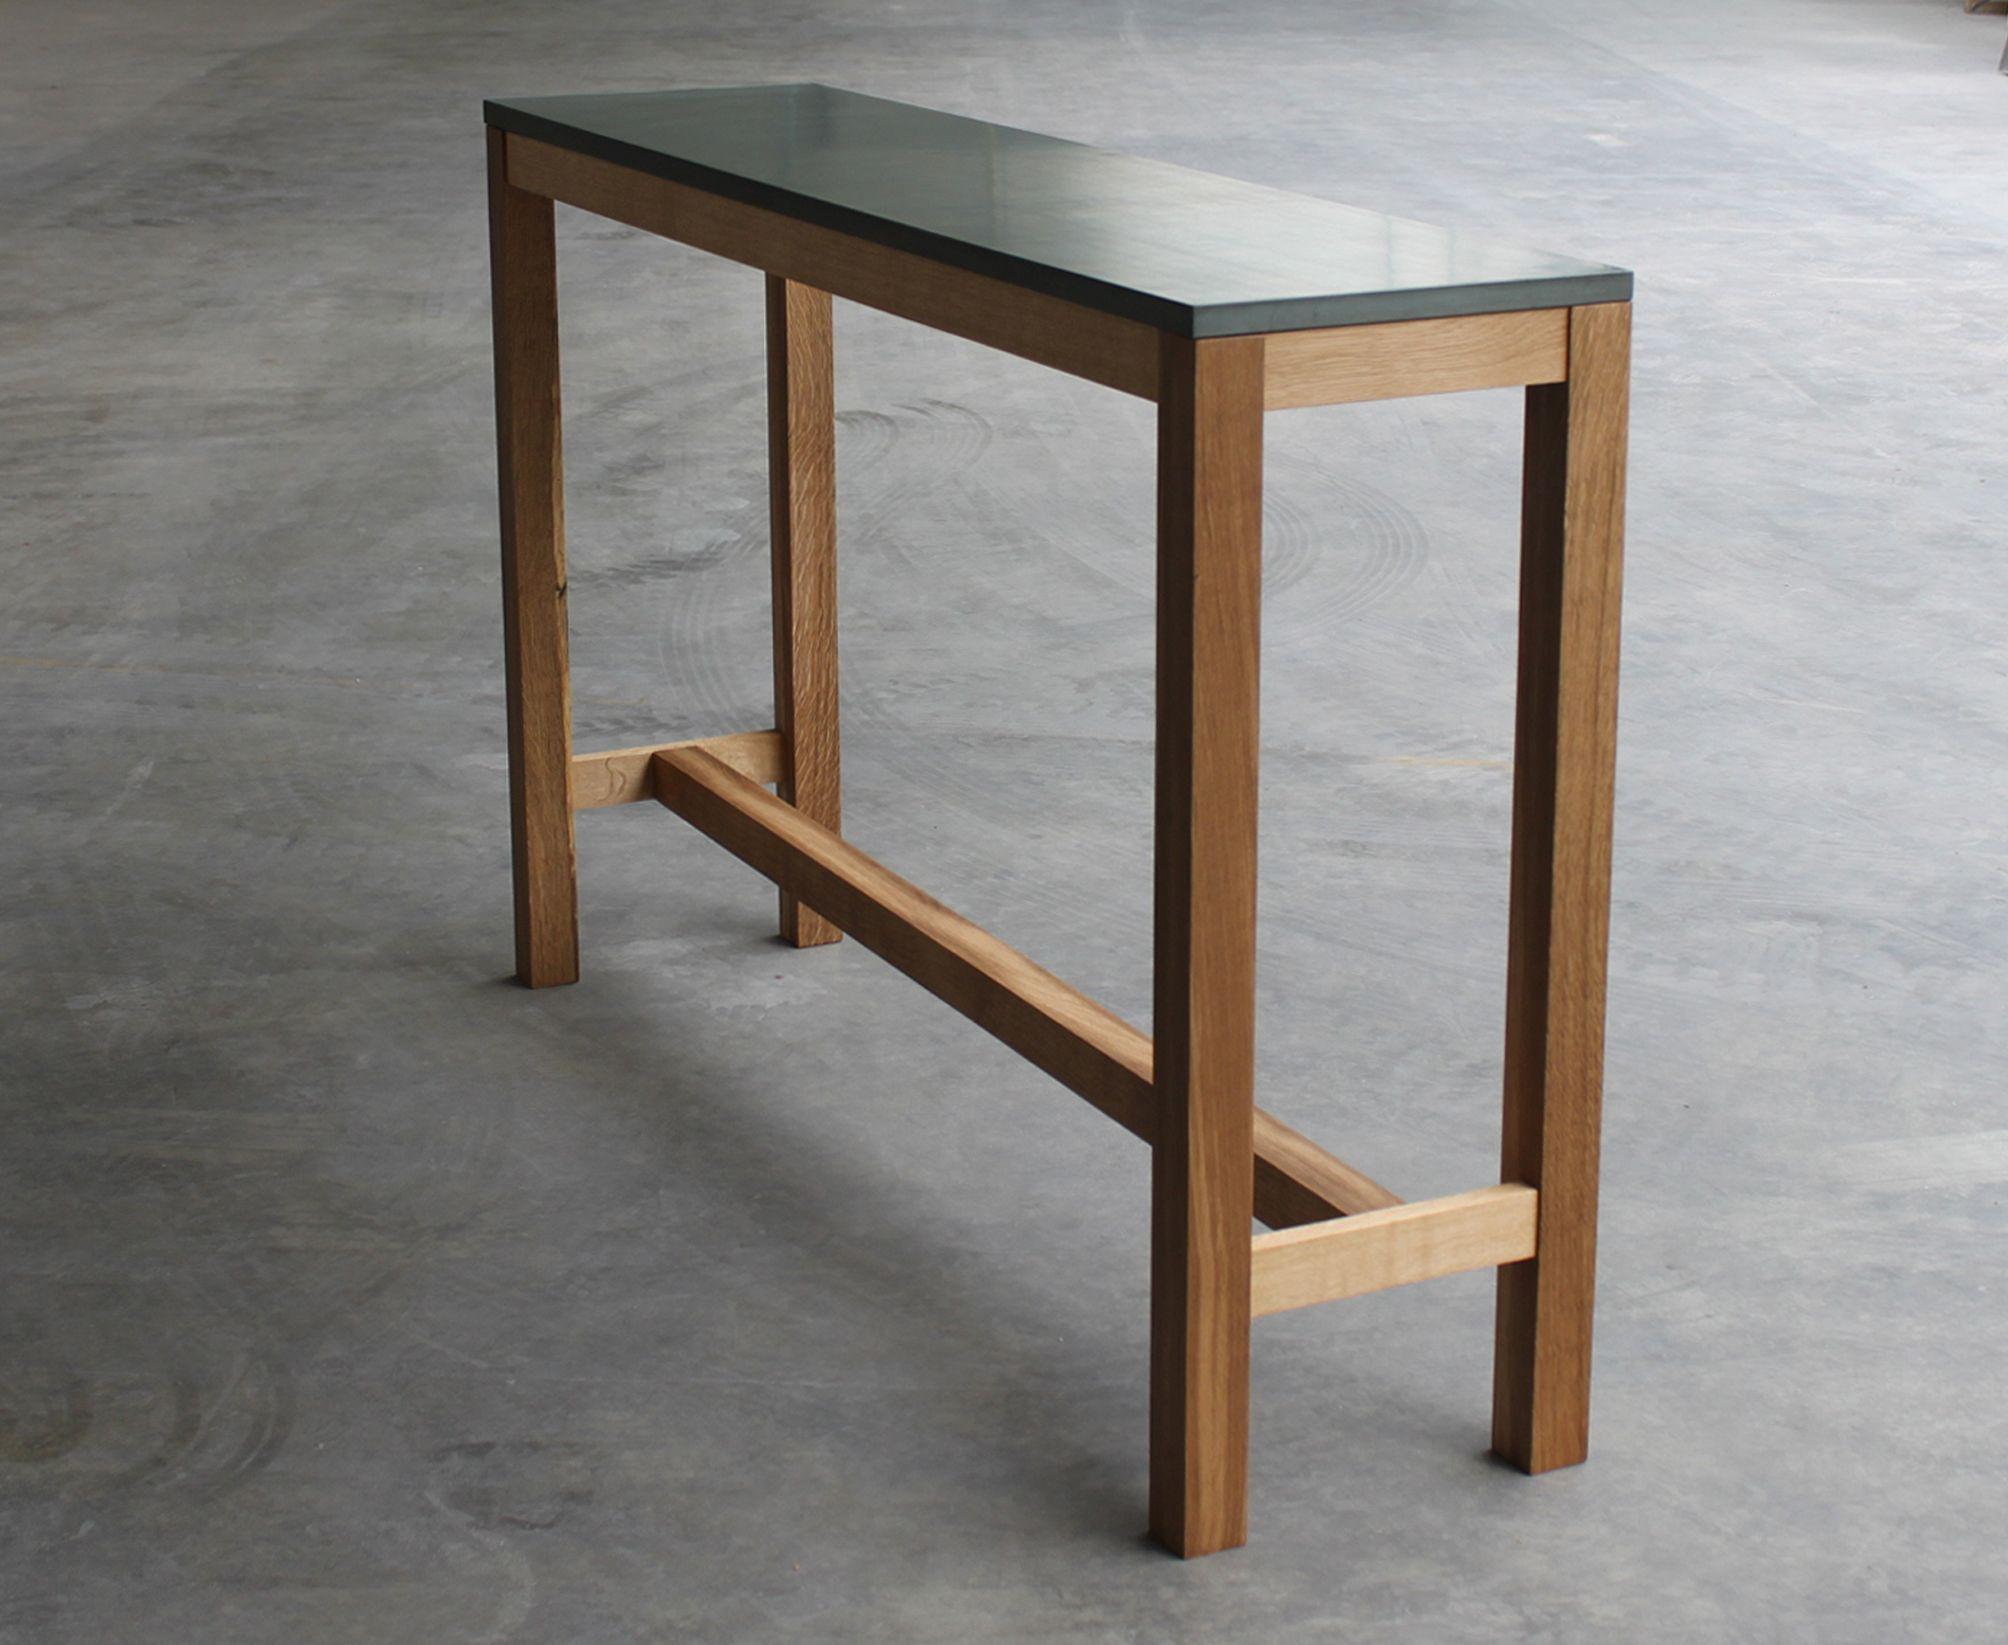 Exquisit Stehtisch Küche Ideen Von Stehtisch, Elegant, Beton, Holz, Living, Inspiration, Wohnzimmer,